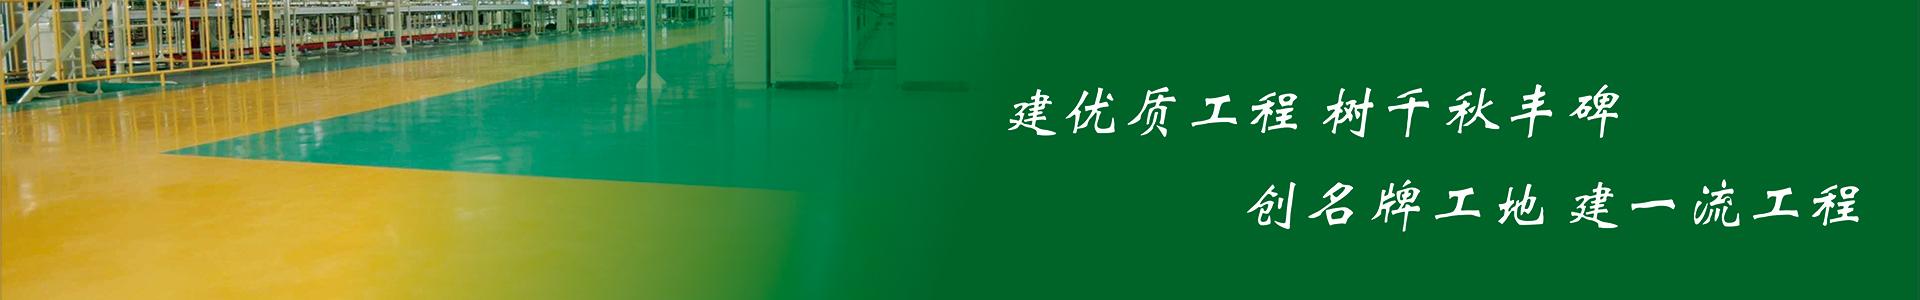 浙jiang天you平台国际地ping天you平台国約houeyou限公司